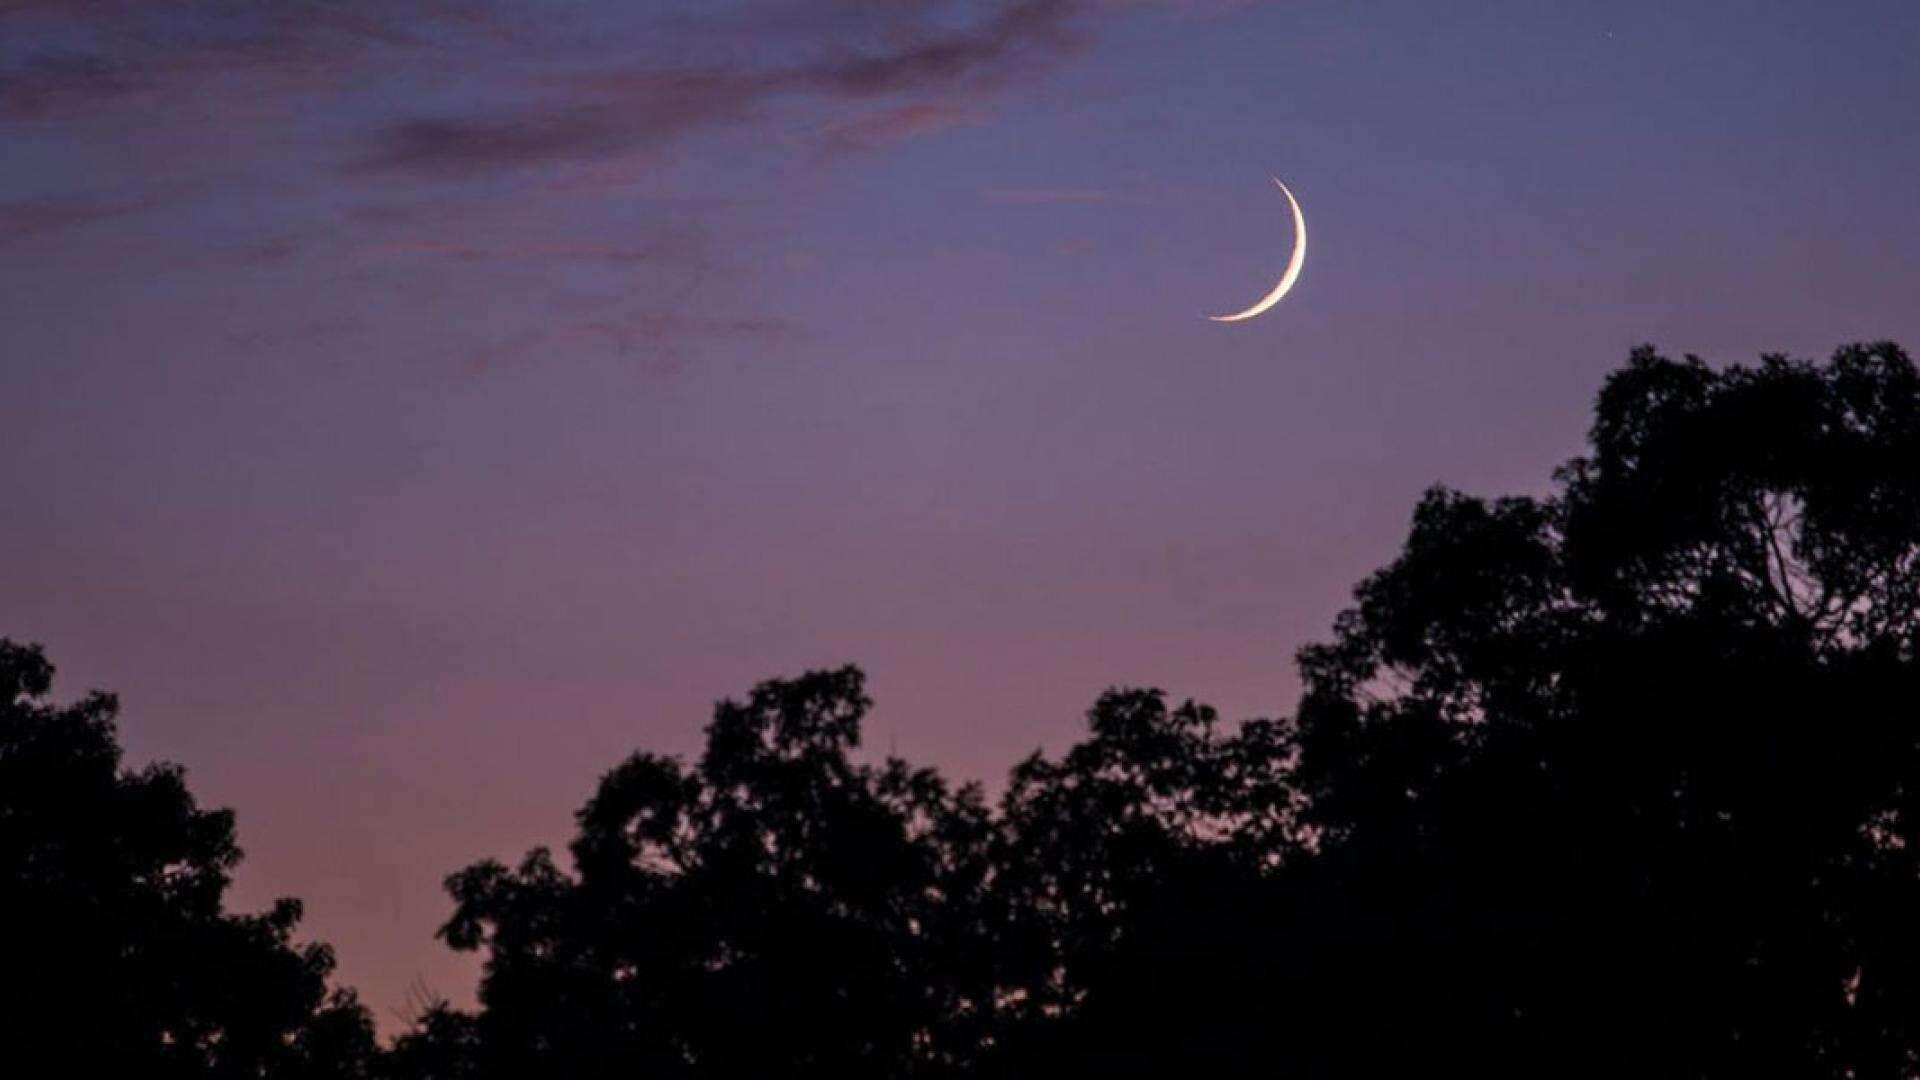 فلكيا :  28 أكتوبر الحالى موعد ميلاد هلال ربيع أول